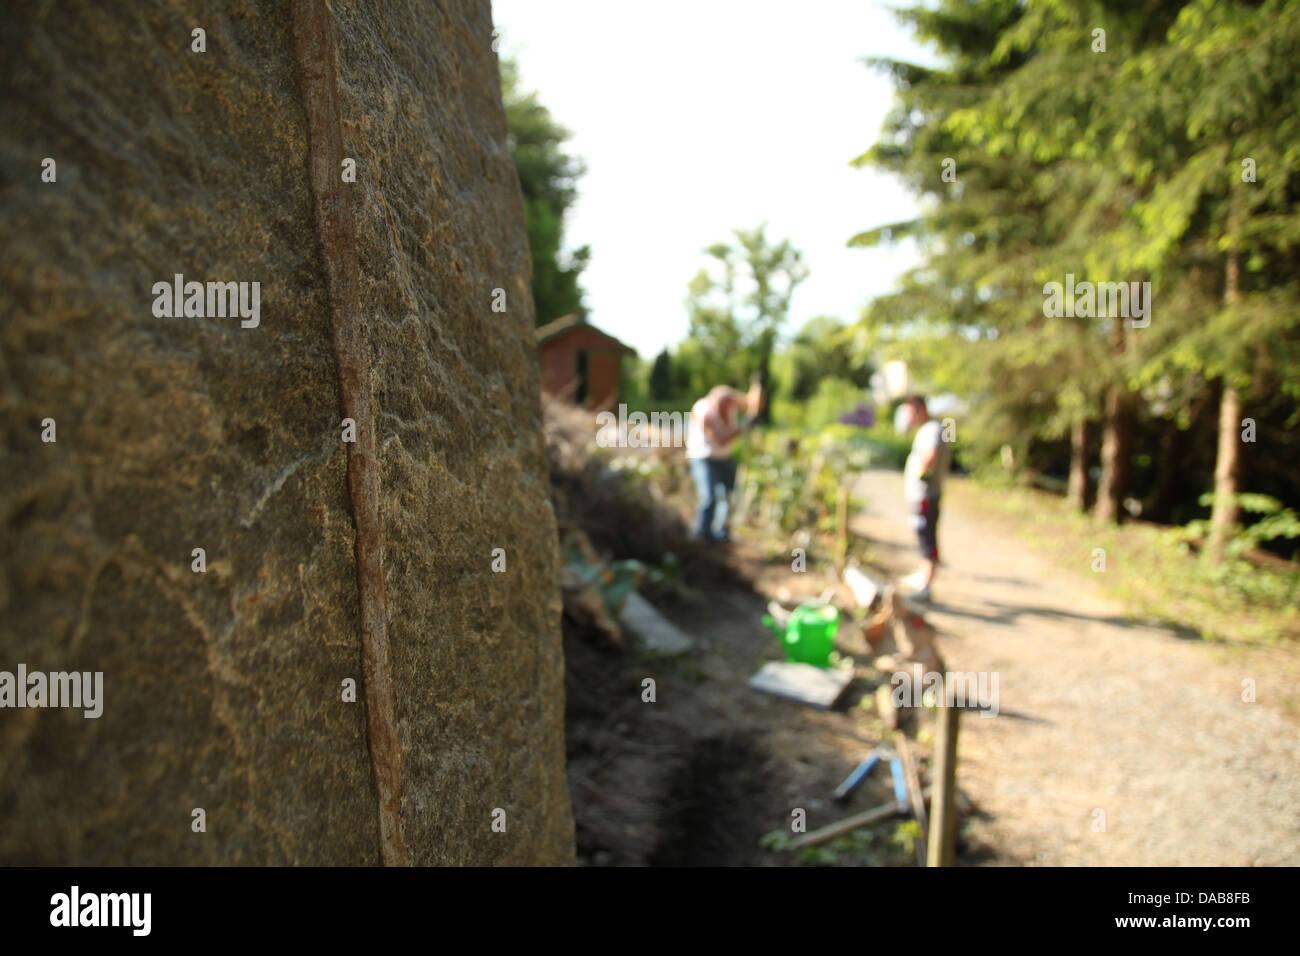 Granite In Garden Stock Photos & Granite In Garden Stock Images - Alamy